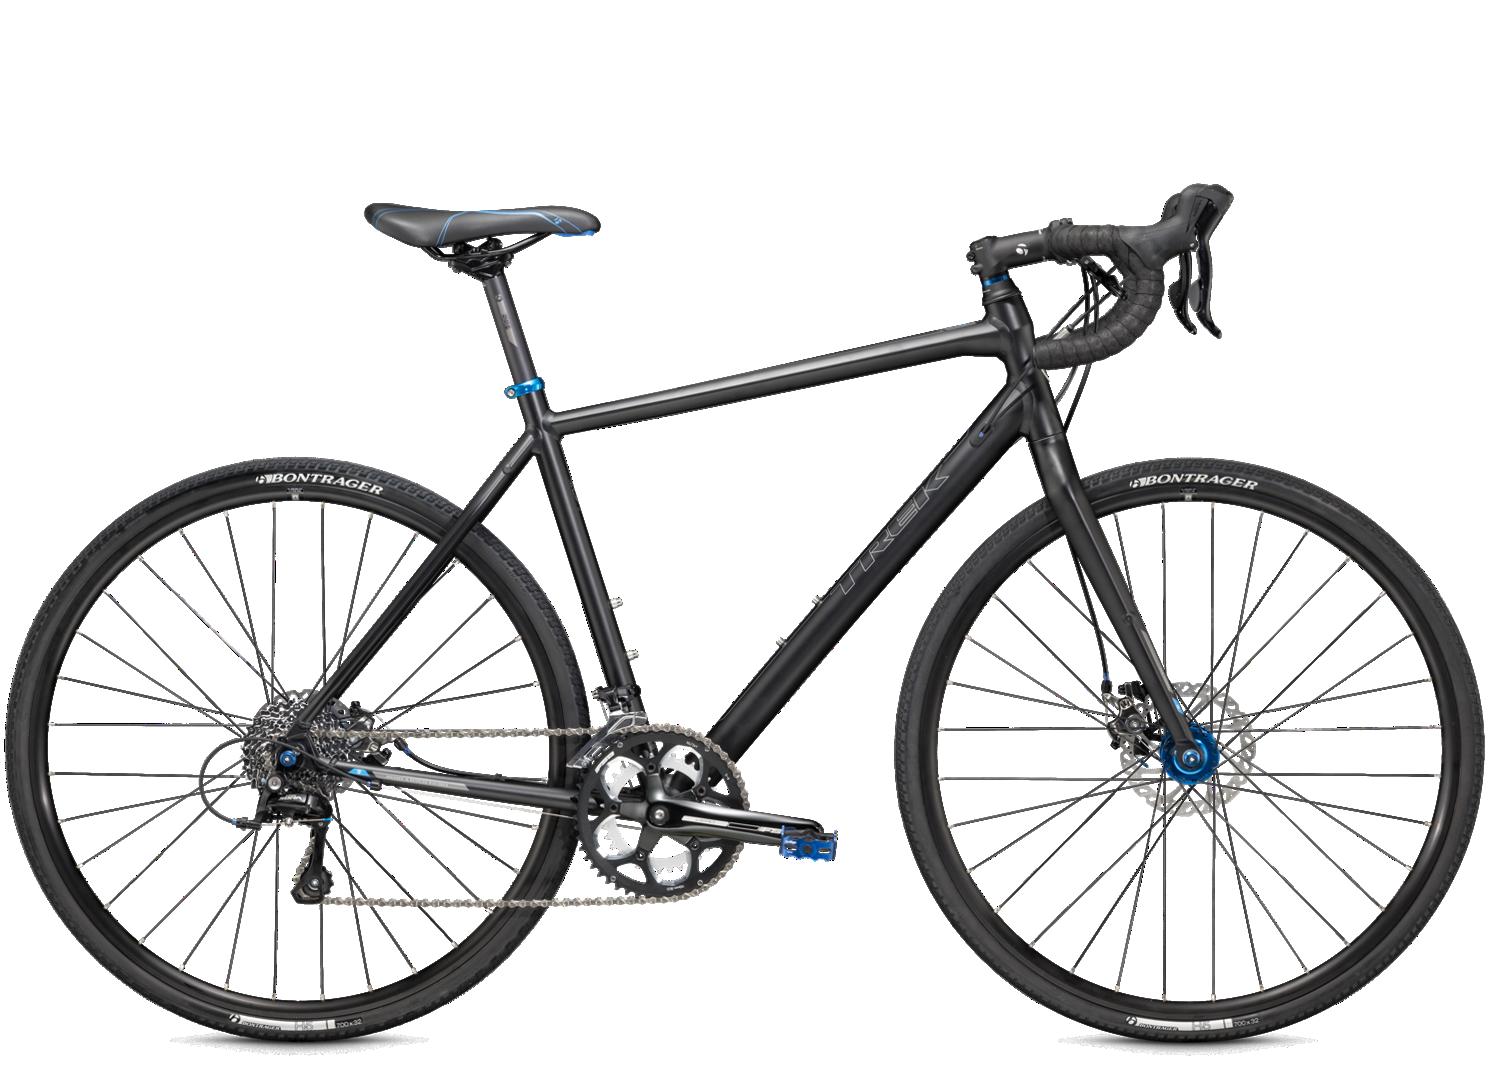 Crossrip Elite Trek Bicycle